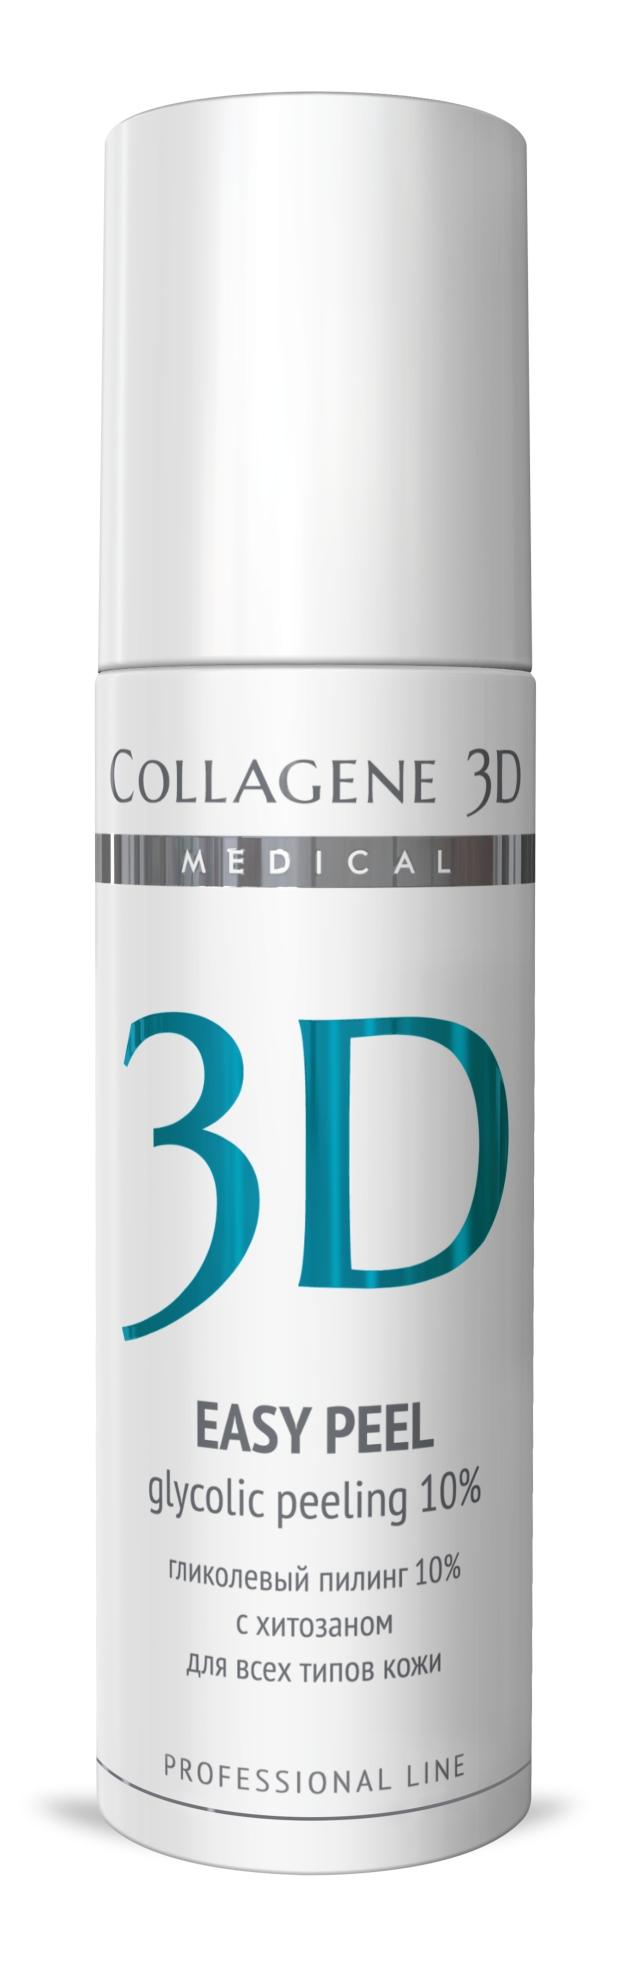 MEDICAL COLLAGENE 3D Гель-пилинг с хитозаном на основе гликолевой кислоты 10% (pH 2,8) Easy Peel 130мл проф.